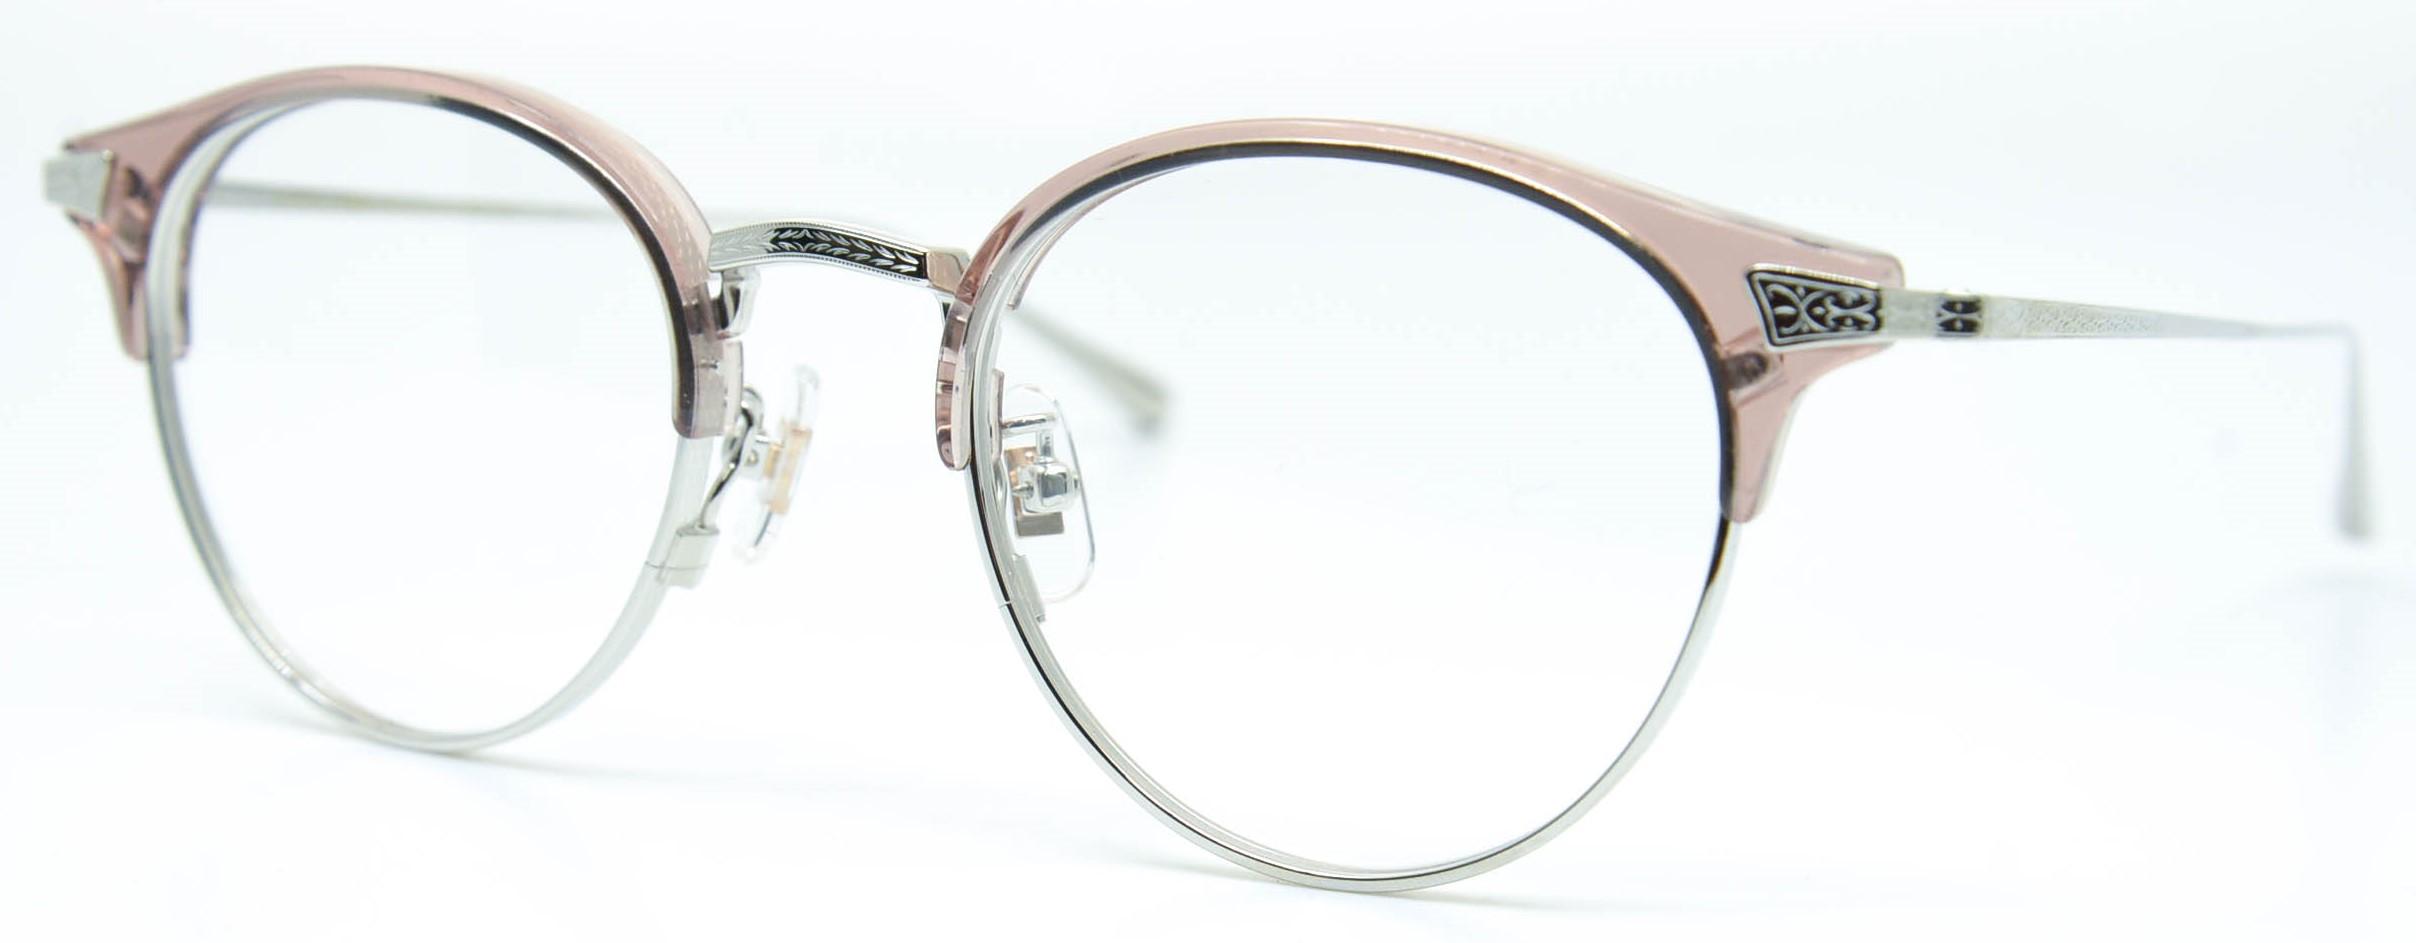 眼鏡のカラータイプC-6 Pink-Brown/Silver